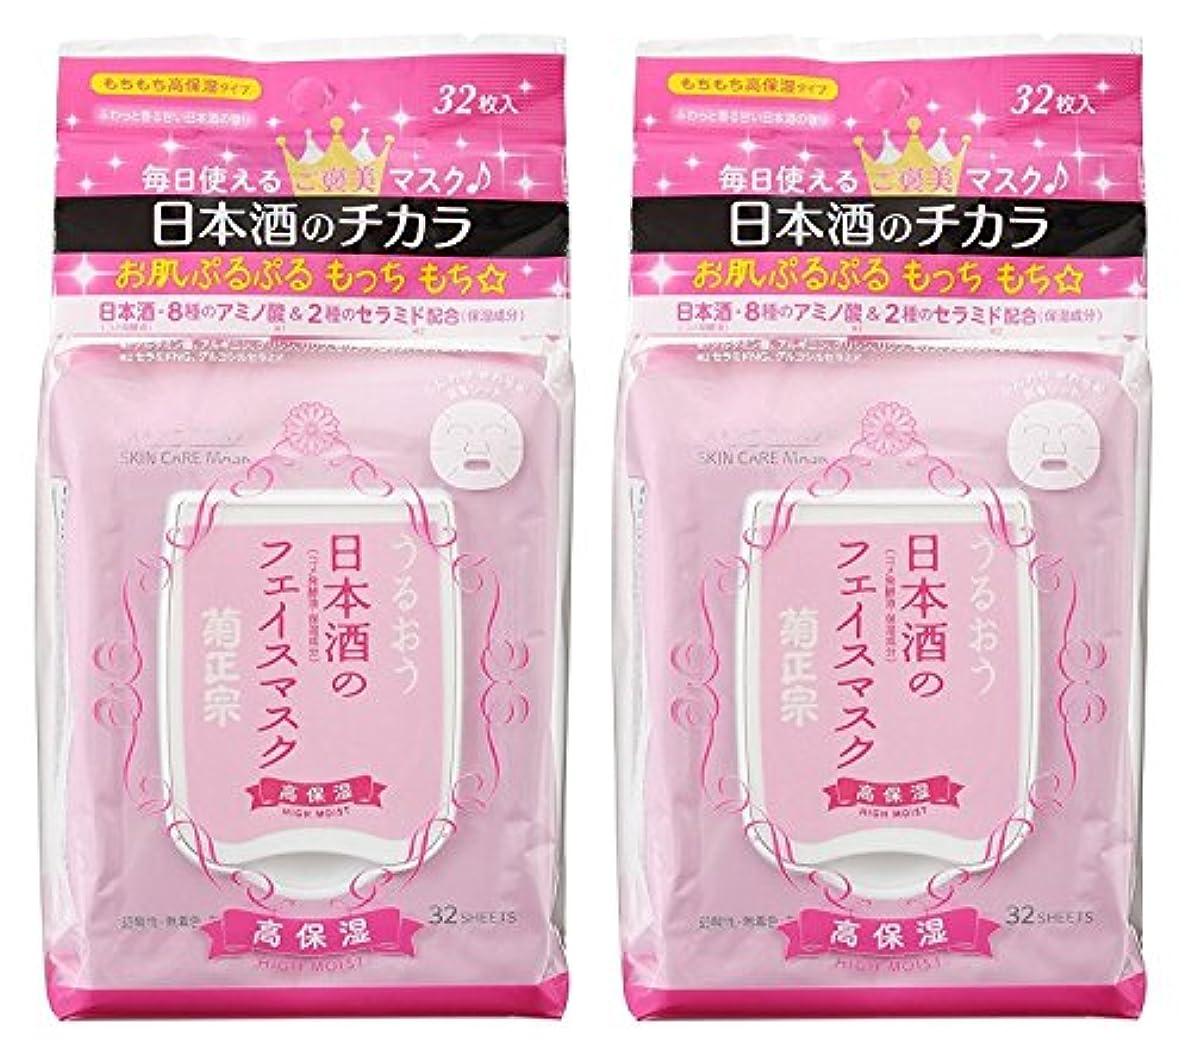 文ひどい出身地菊正宗 日本酒のフェイスマスク 高保湿 32枚入×2セット